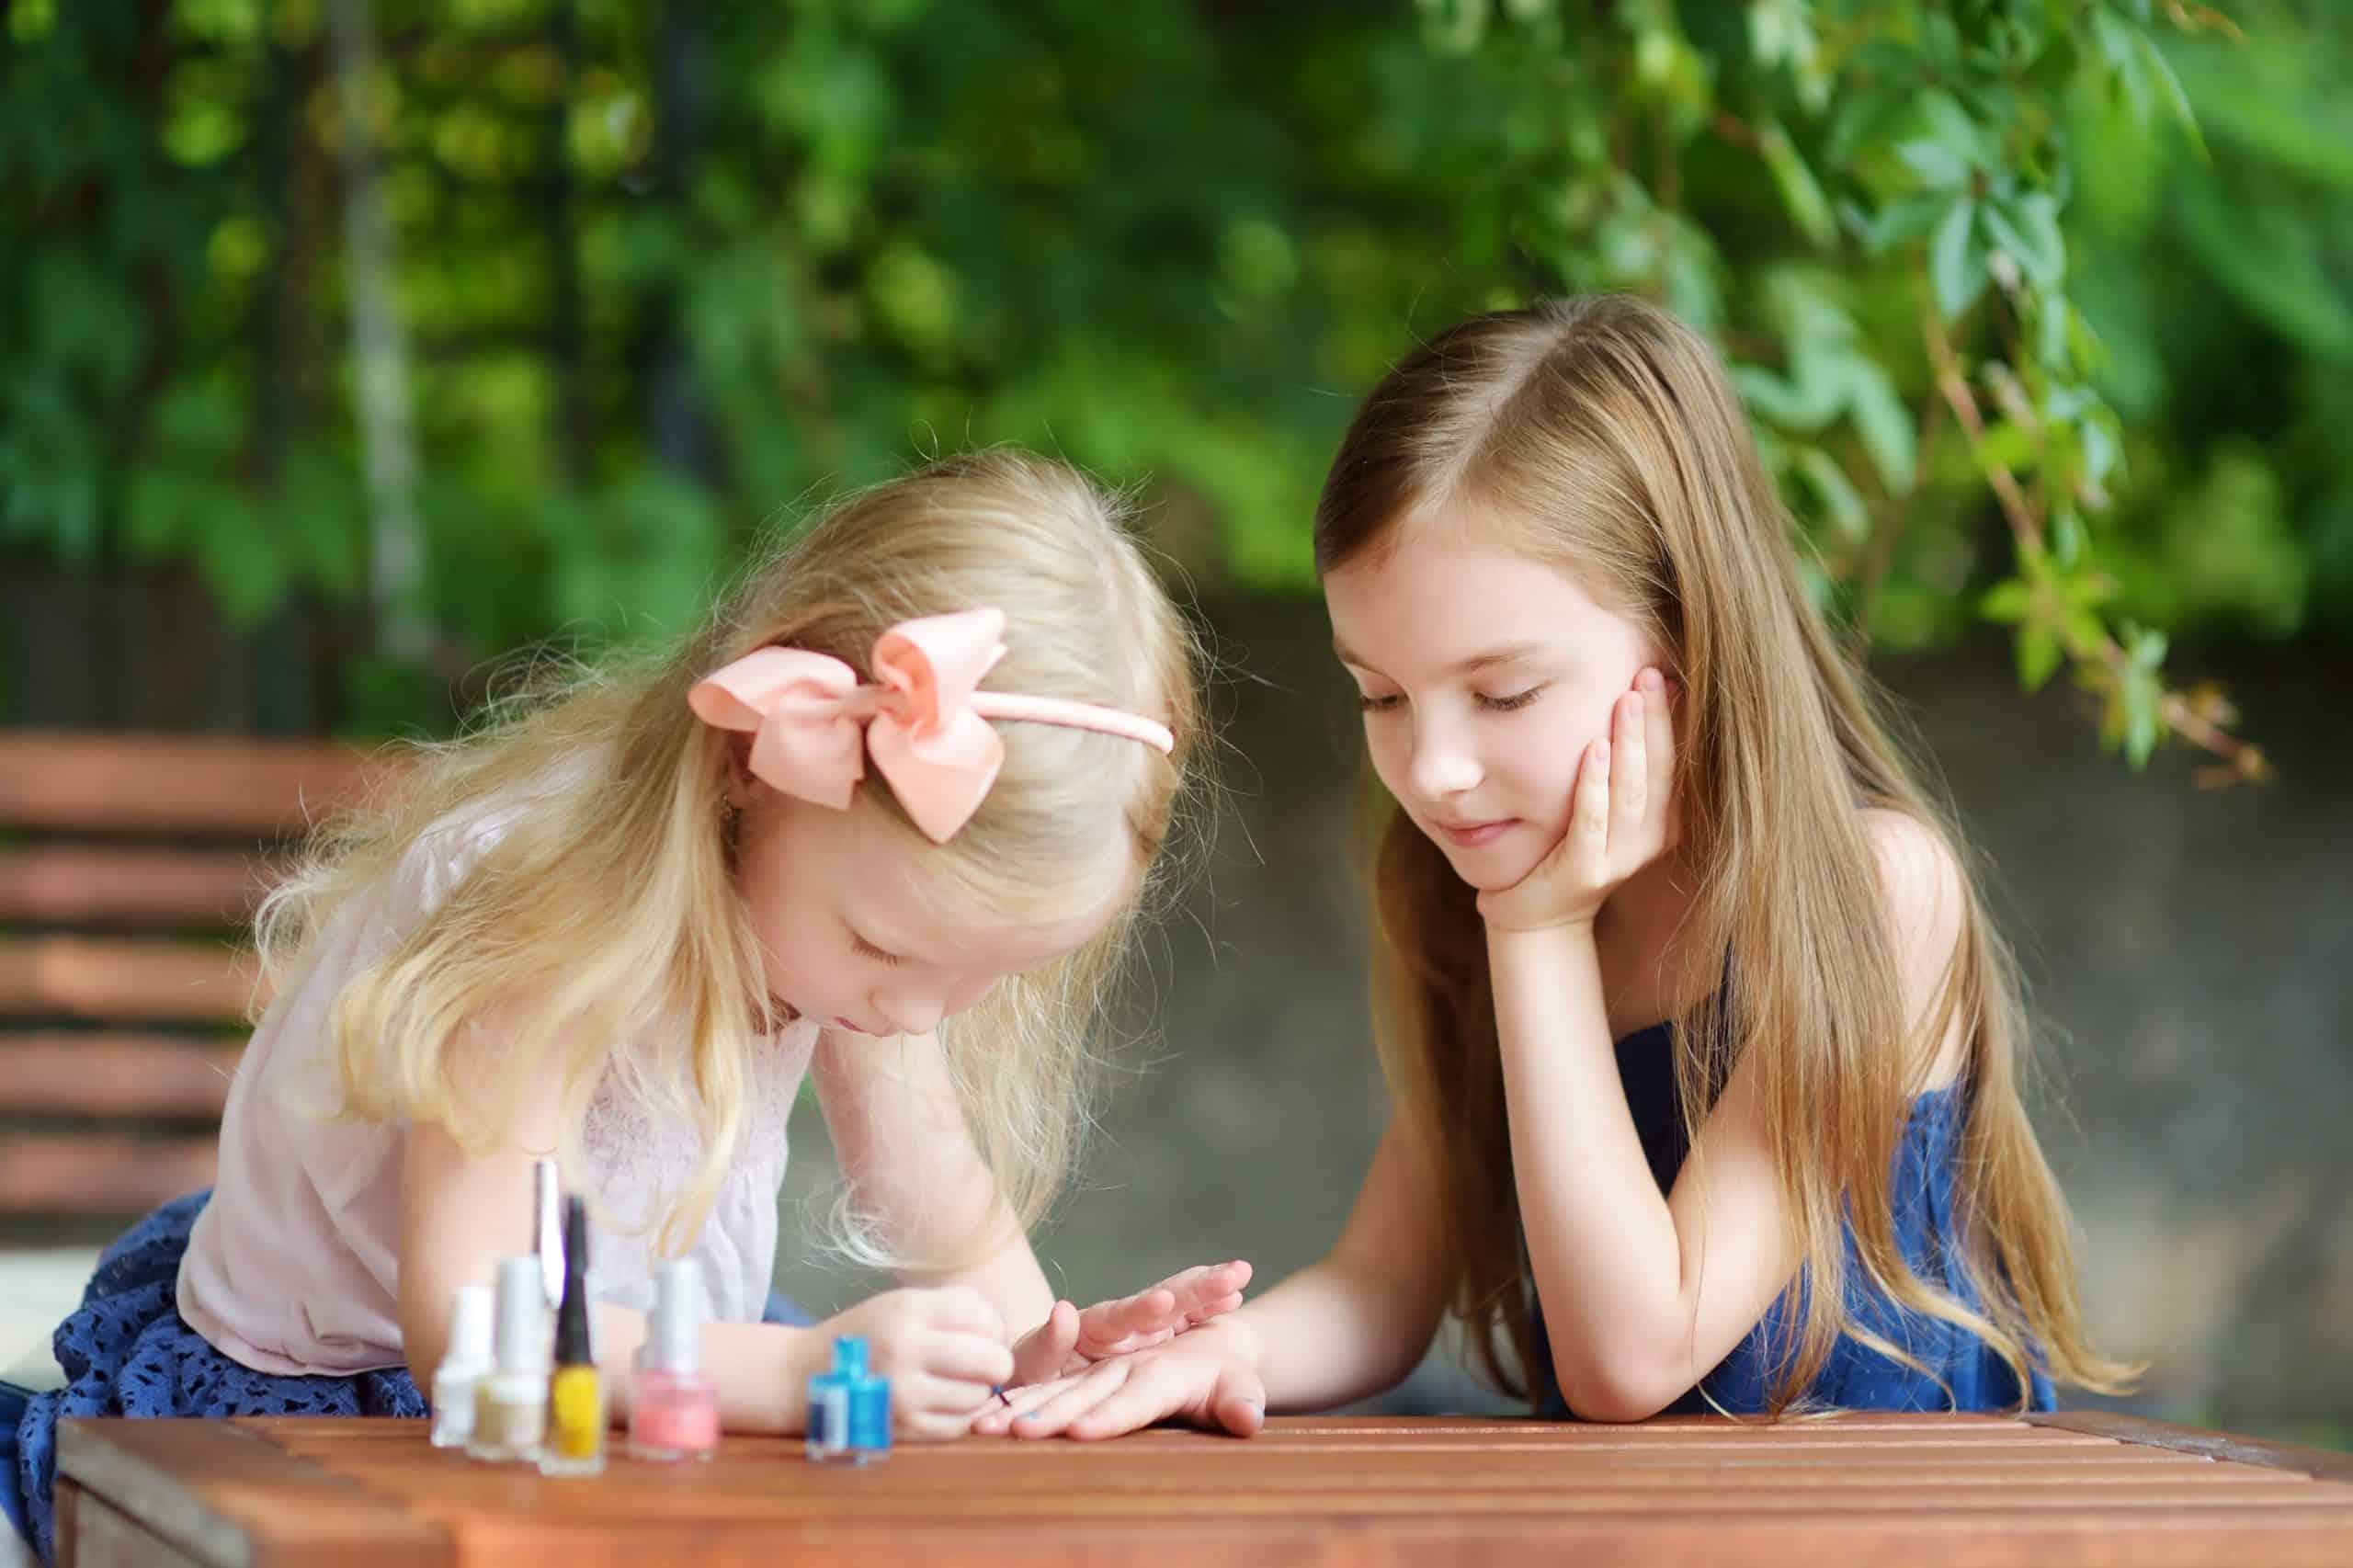 kids using nail polish